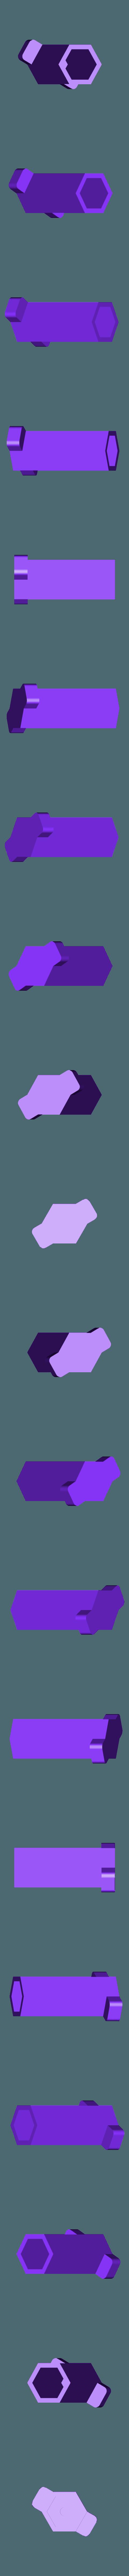 Pencil-Cover.stl Télécharger fichier STL gratuit Housse de crayon • Objet pour impression 3D, JonathanK1906